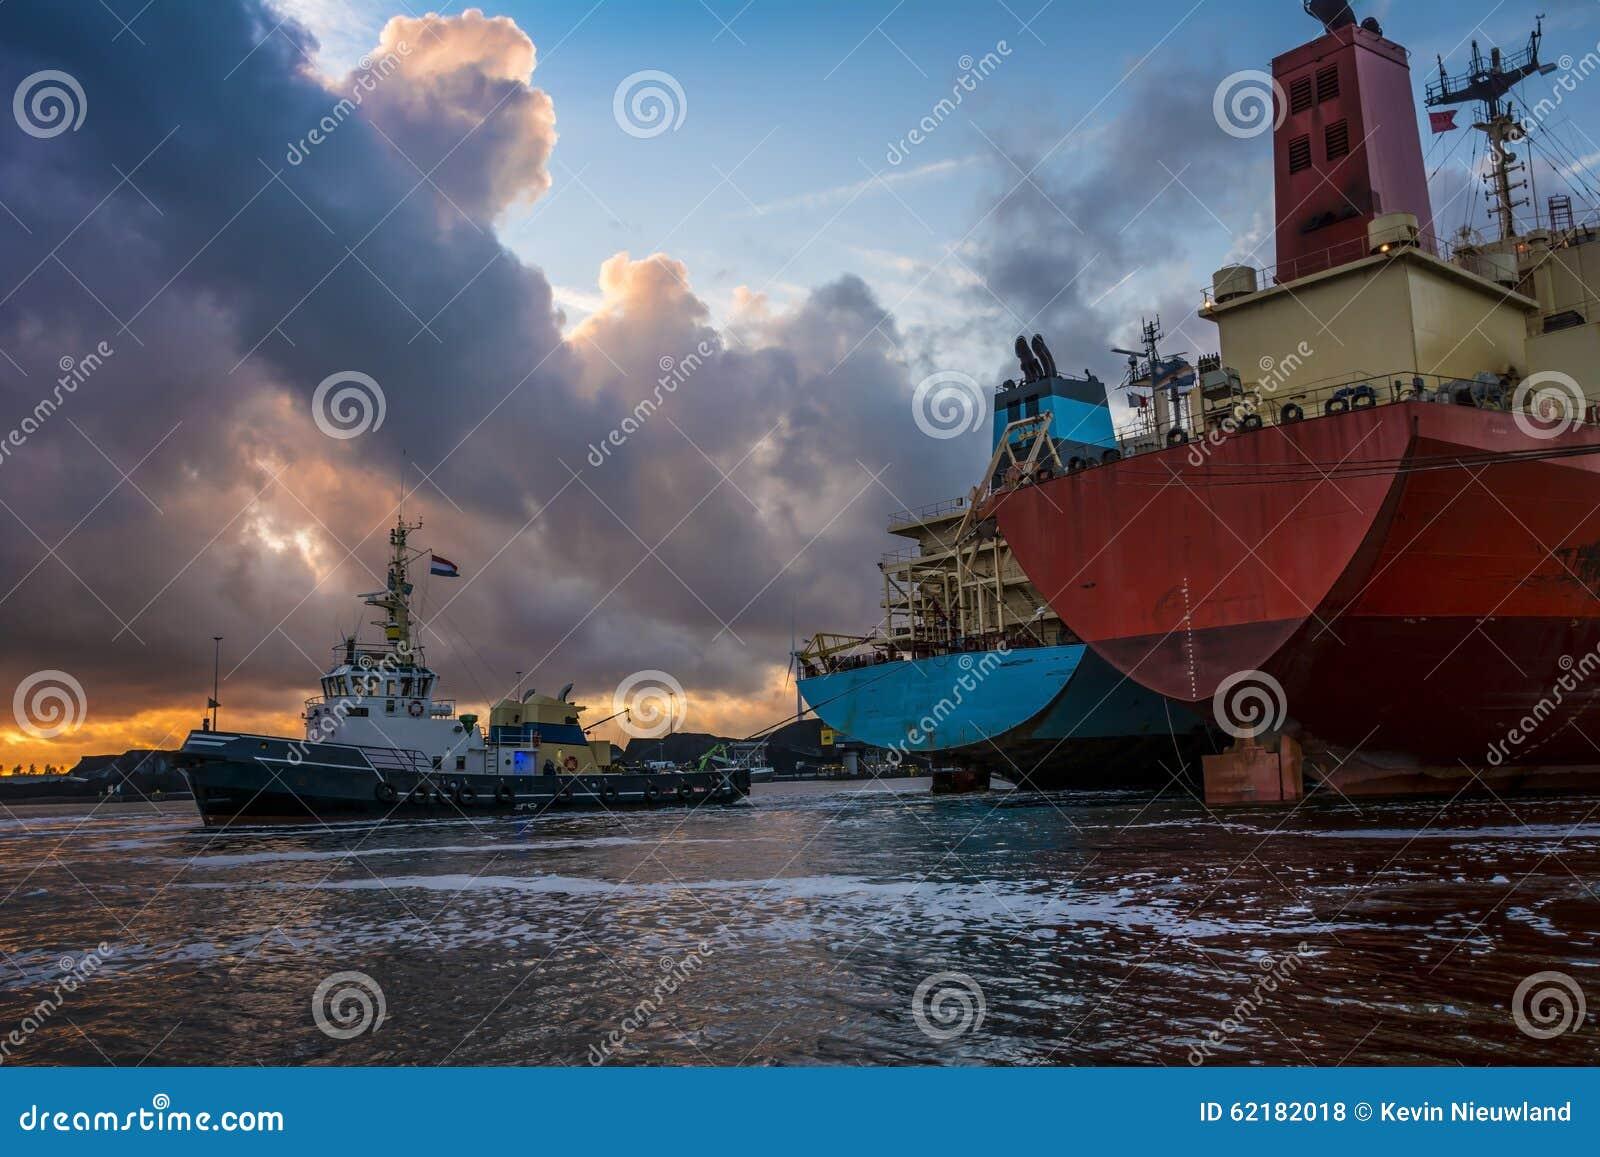 De koopvaardijschepen zijn bezig met meertrosverrichtingen tijdens zonsondergang in haven